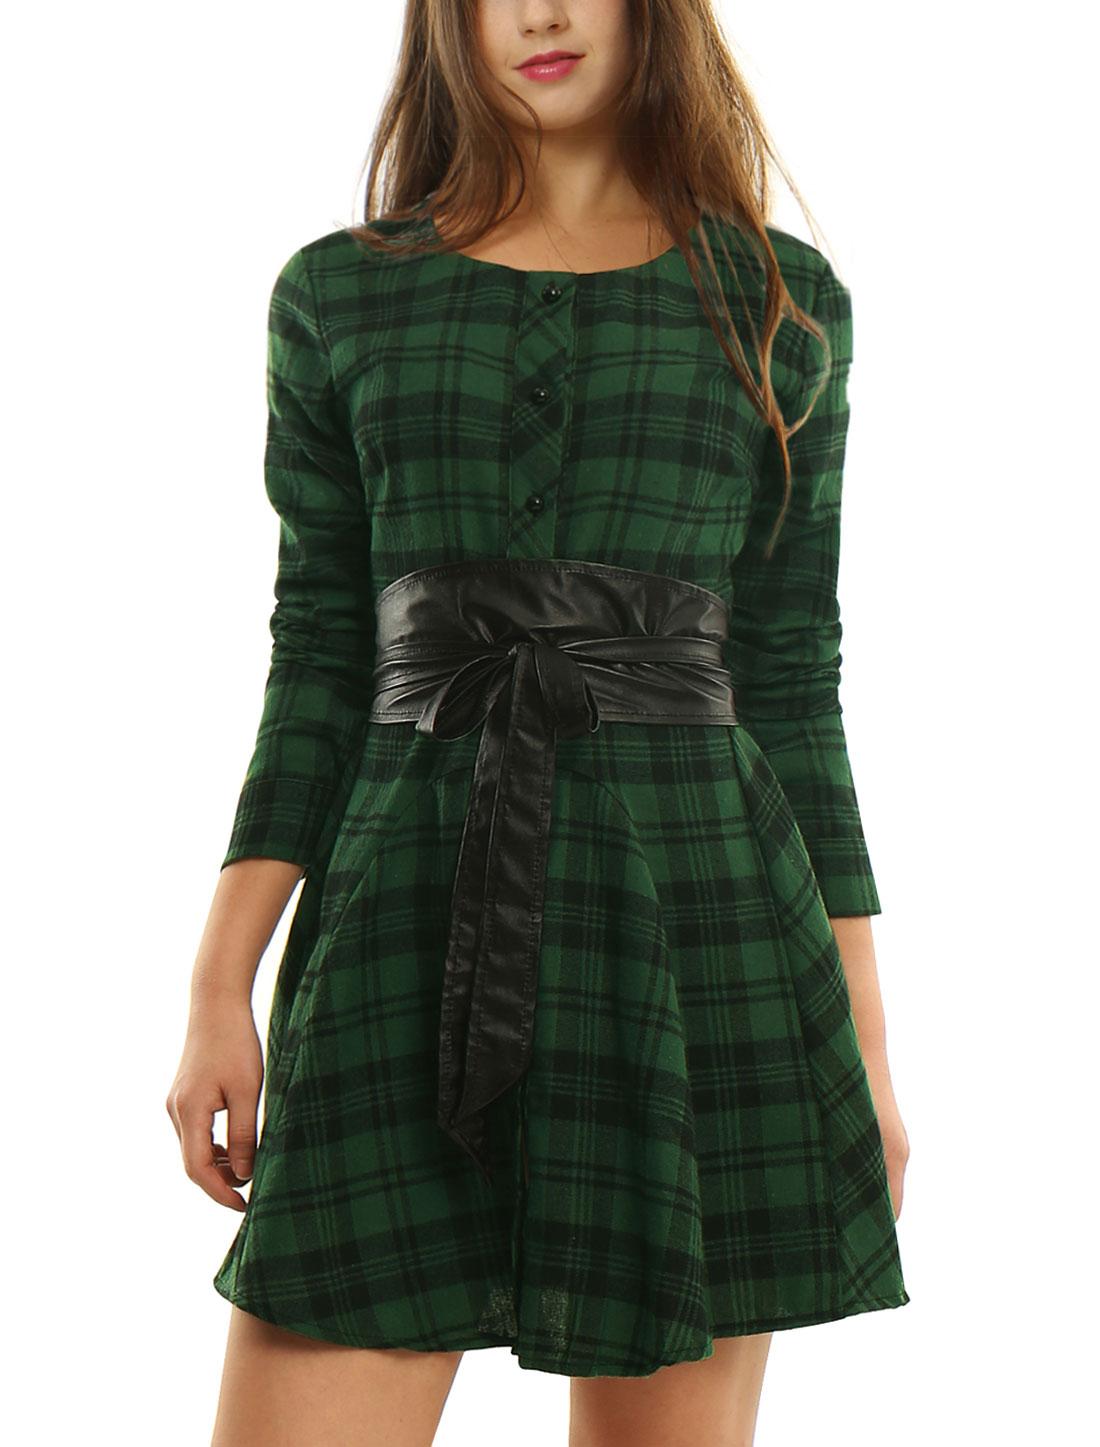 Allegra K Women Plaids Long Sleeves Belted A Line Shirt Dress Green Black XS